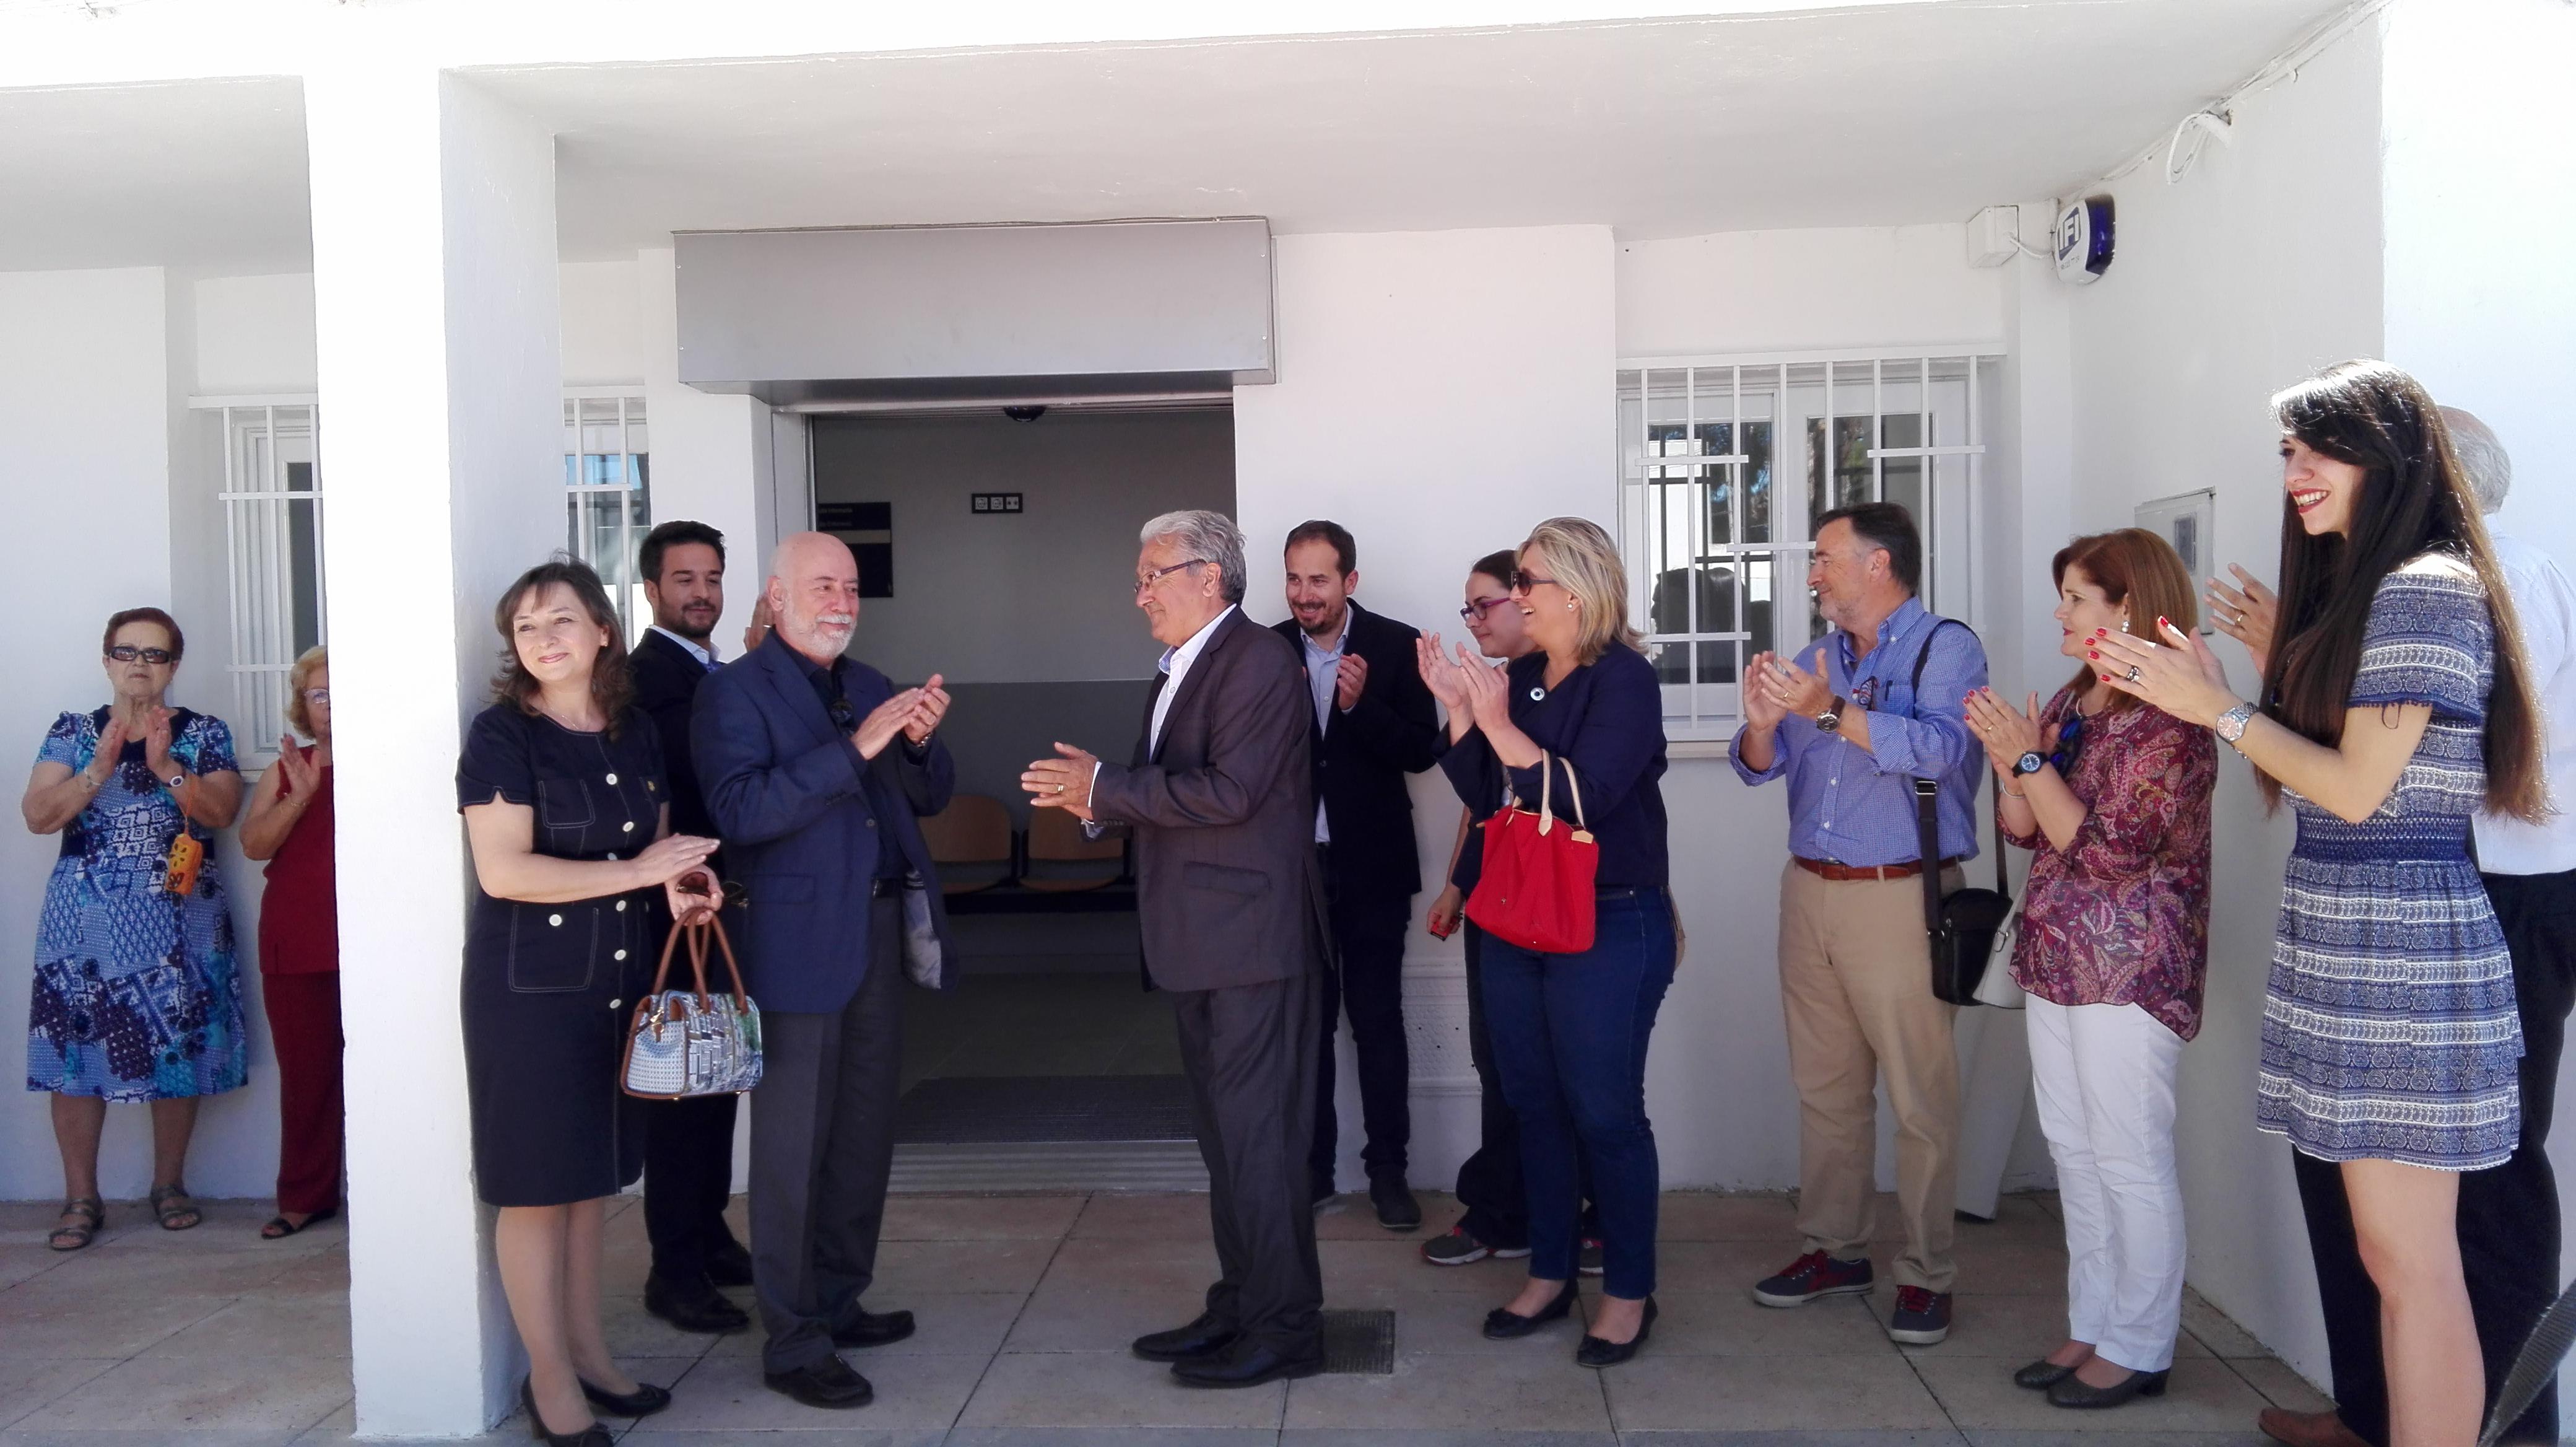 Momento de la inauguración de el nuevo consultorio de salud que mejorará la atención sanitaria a 2.000 vecinos.